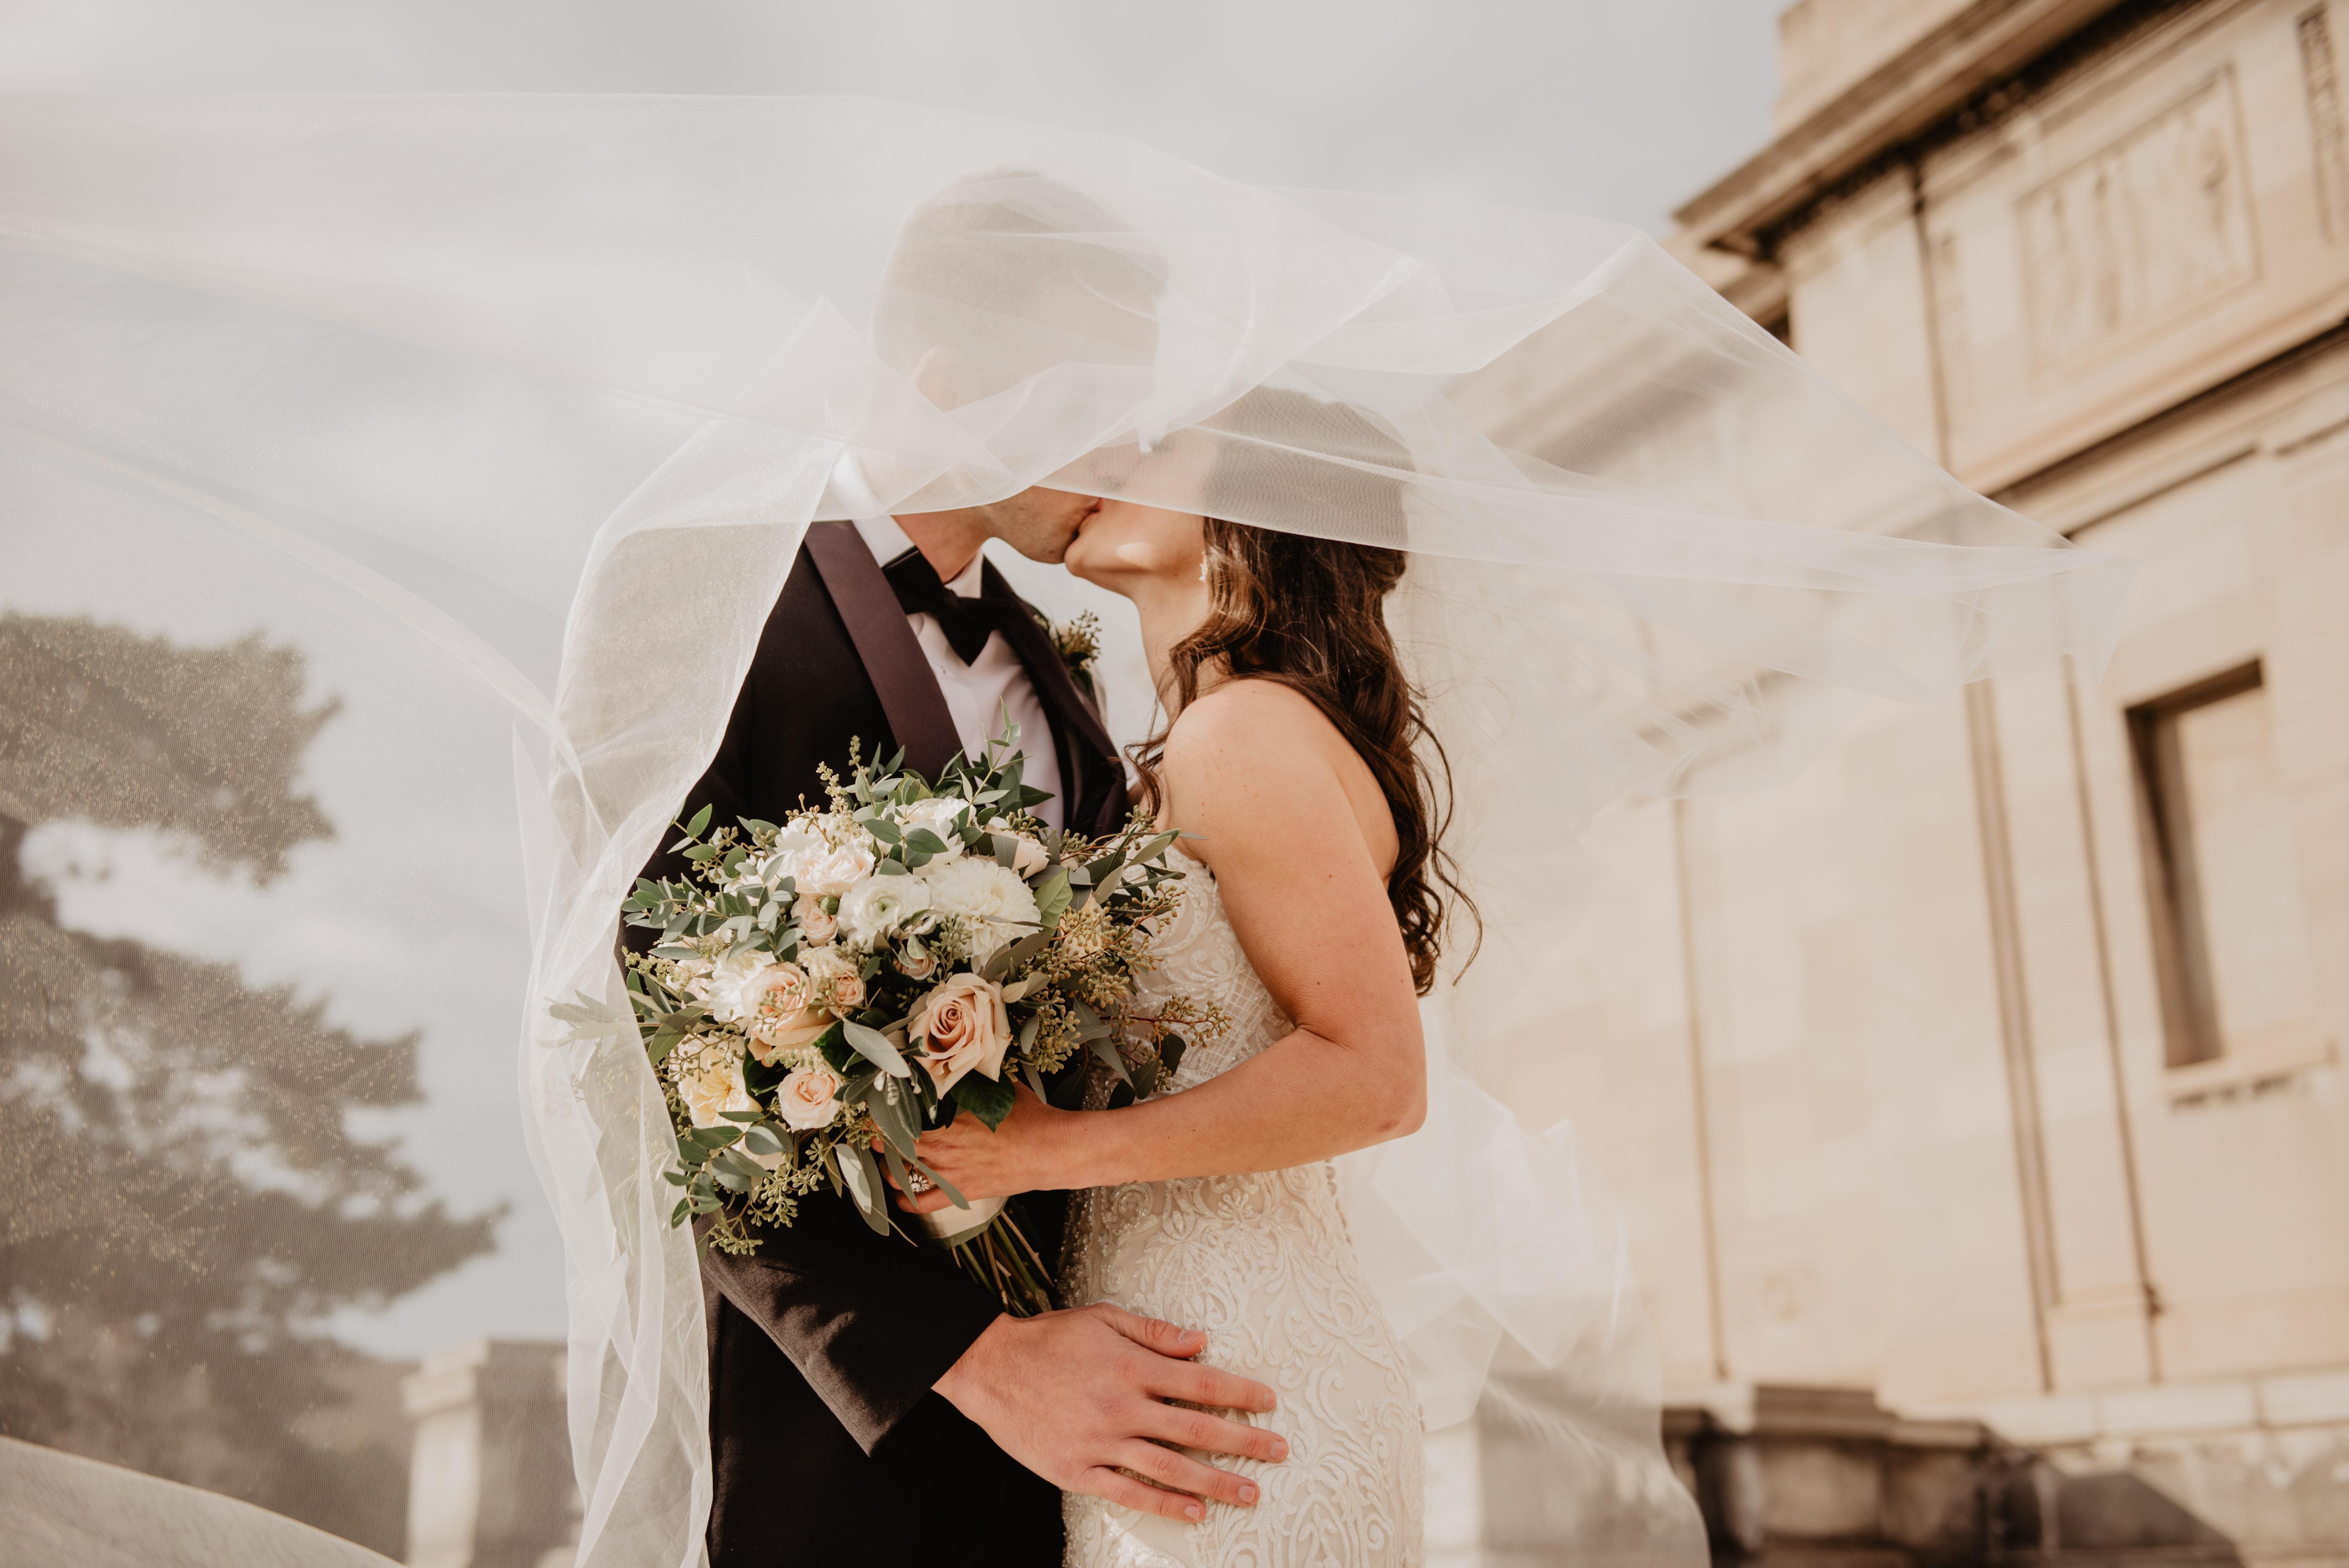 Сватби в София в четвъртък 20 февруари 2020 г.